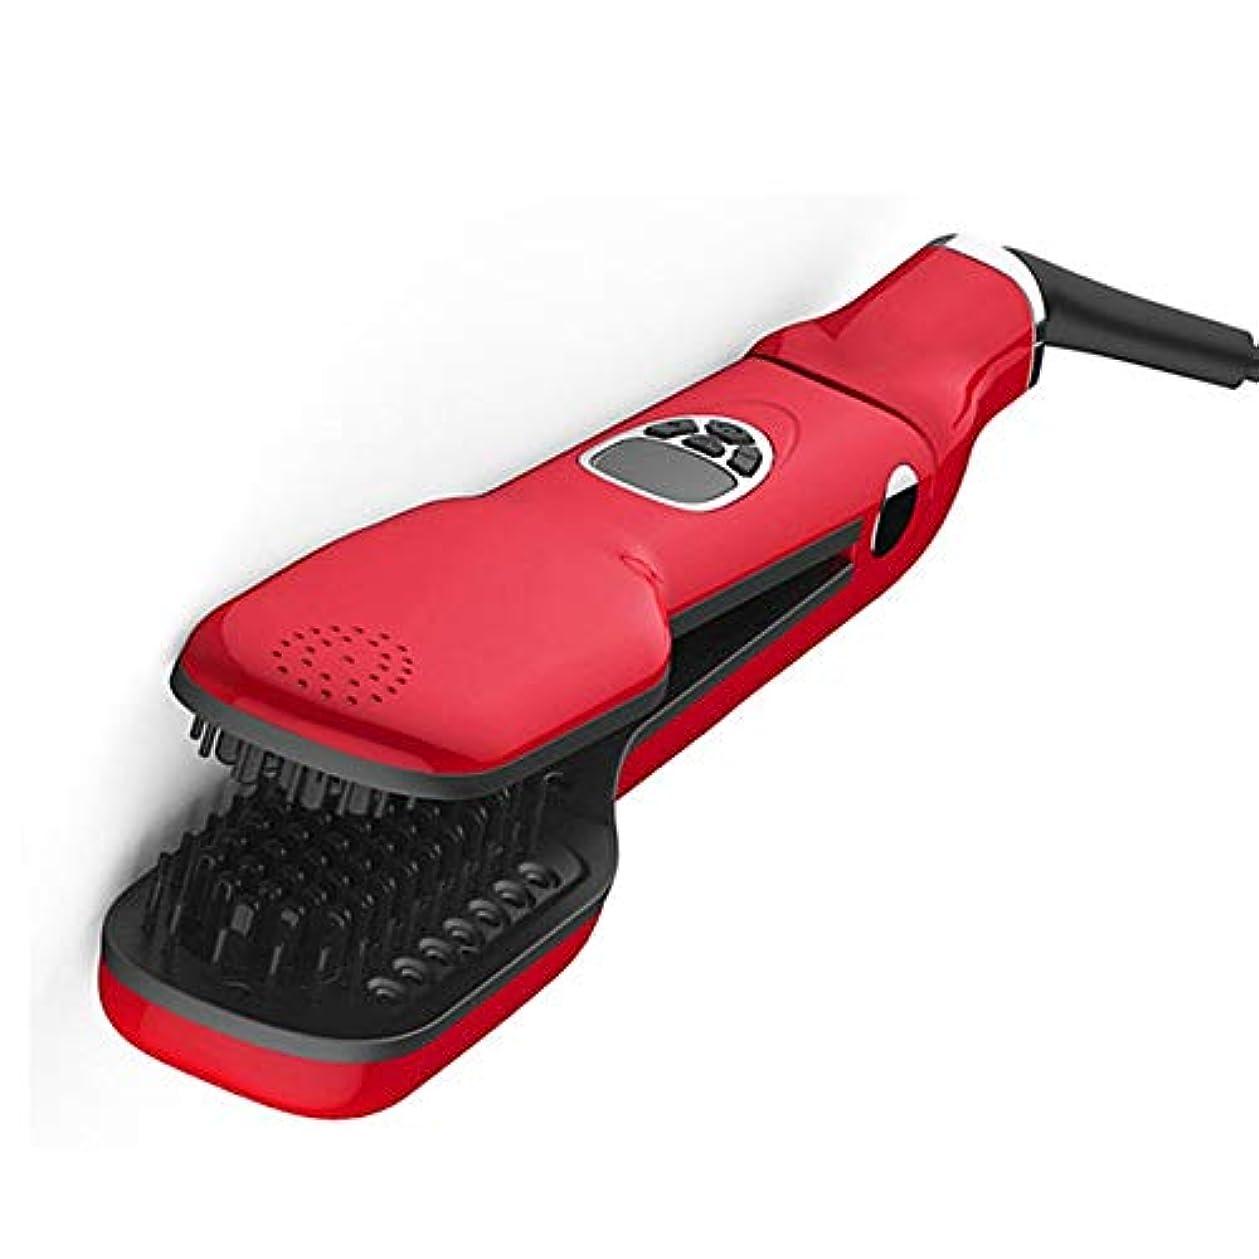 無効ペダル労働ZYDP ヘアスチームストレイテナーブラシセラミック帯電防止技術とすべてのヘアタイプに適したデジタルコントロール (色 : レッド)